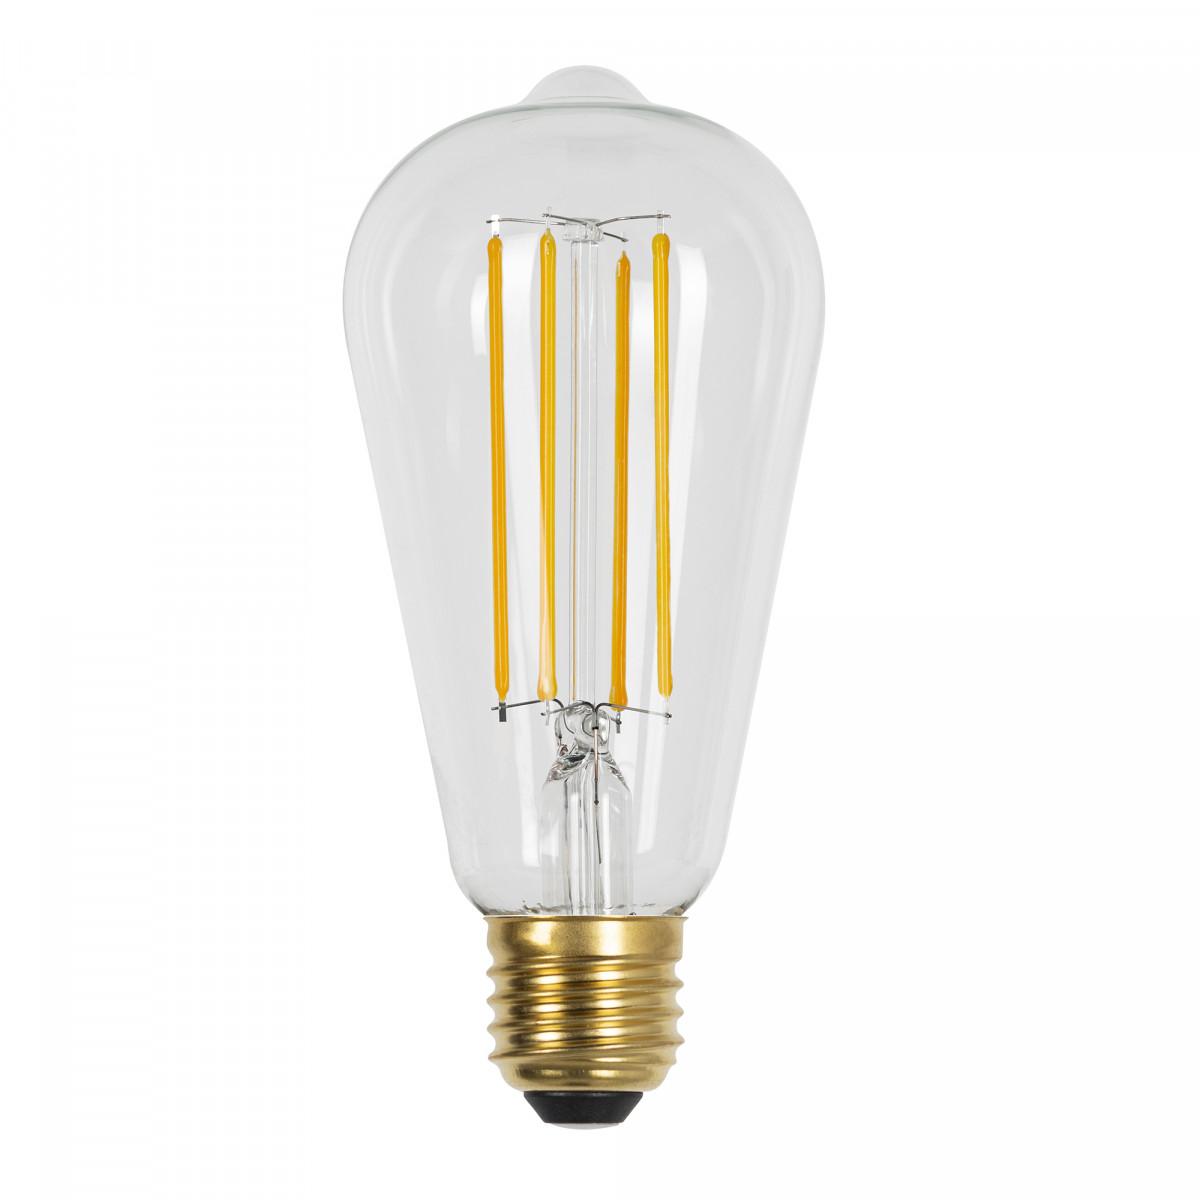 LED Kooldraadlamp Edison 4 watt